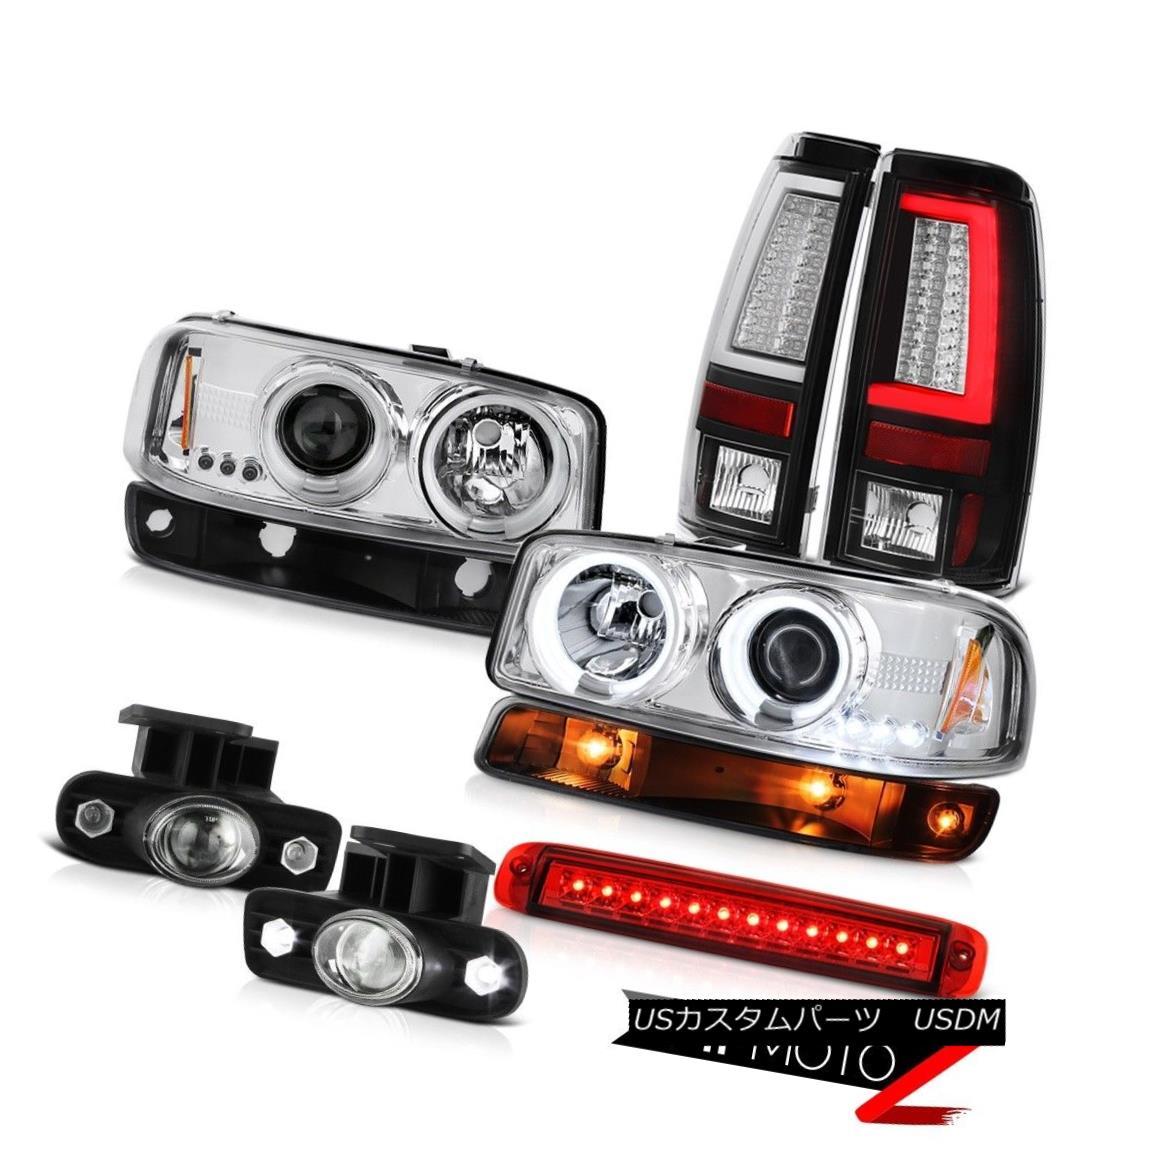 ヘッドライト 99-02 Sierra 2500HD Tail Lamps Roof Cab Lamp Turn Signal Fog CCFL Headlamps LED 99-02 Sierra 2500HDテールランプルーフキャブランプターンシグナルフォグCCFLヘッドランプLED